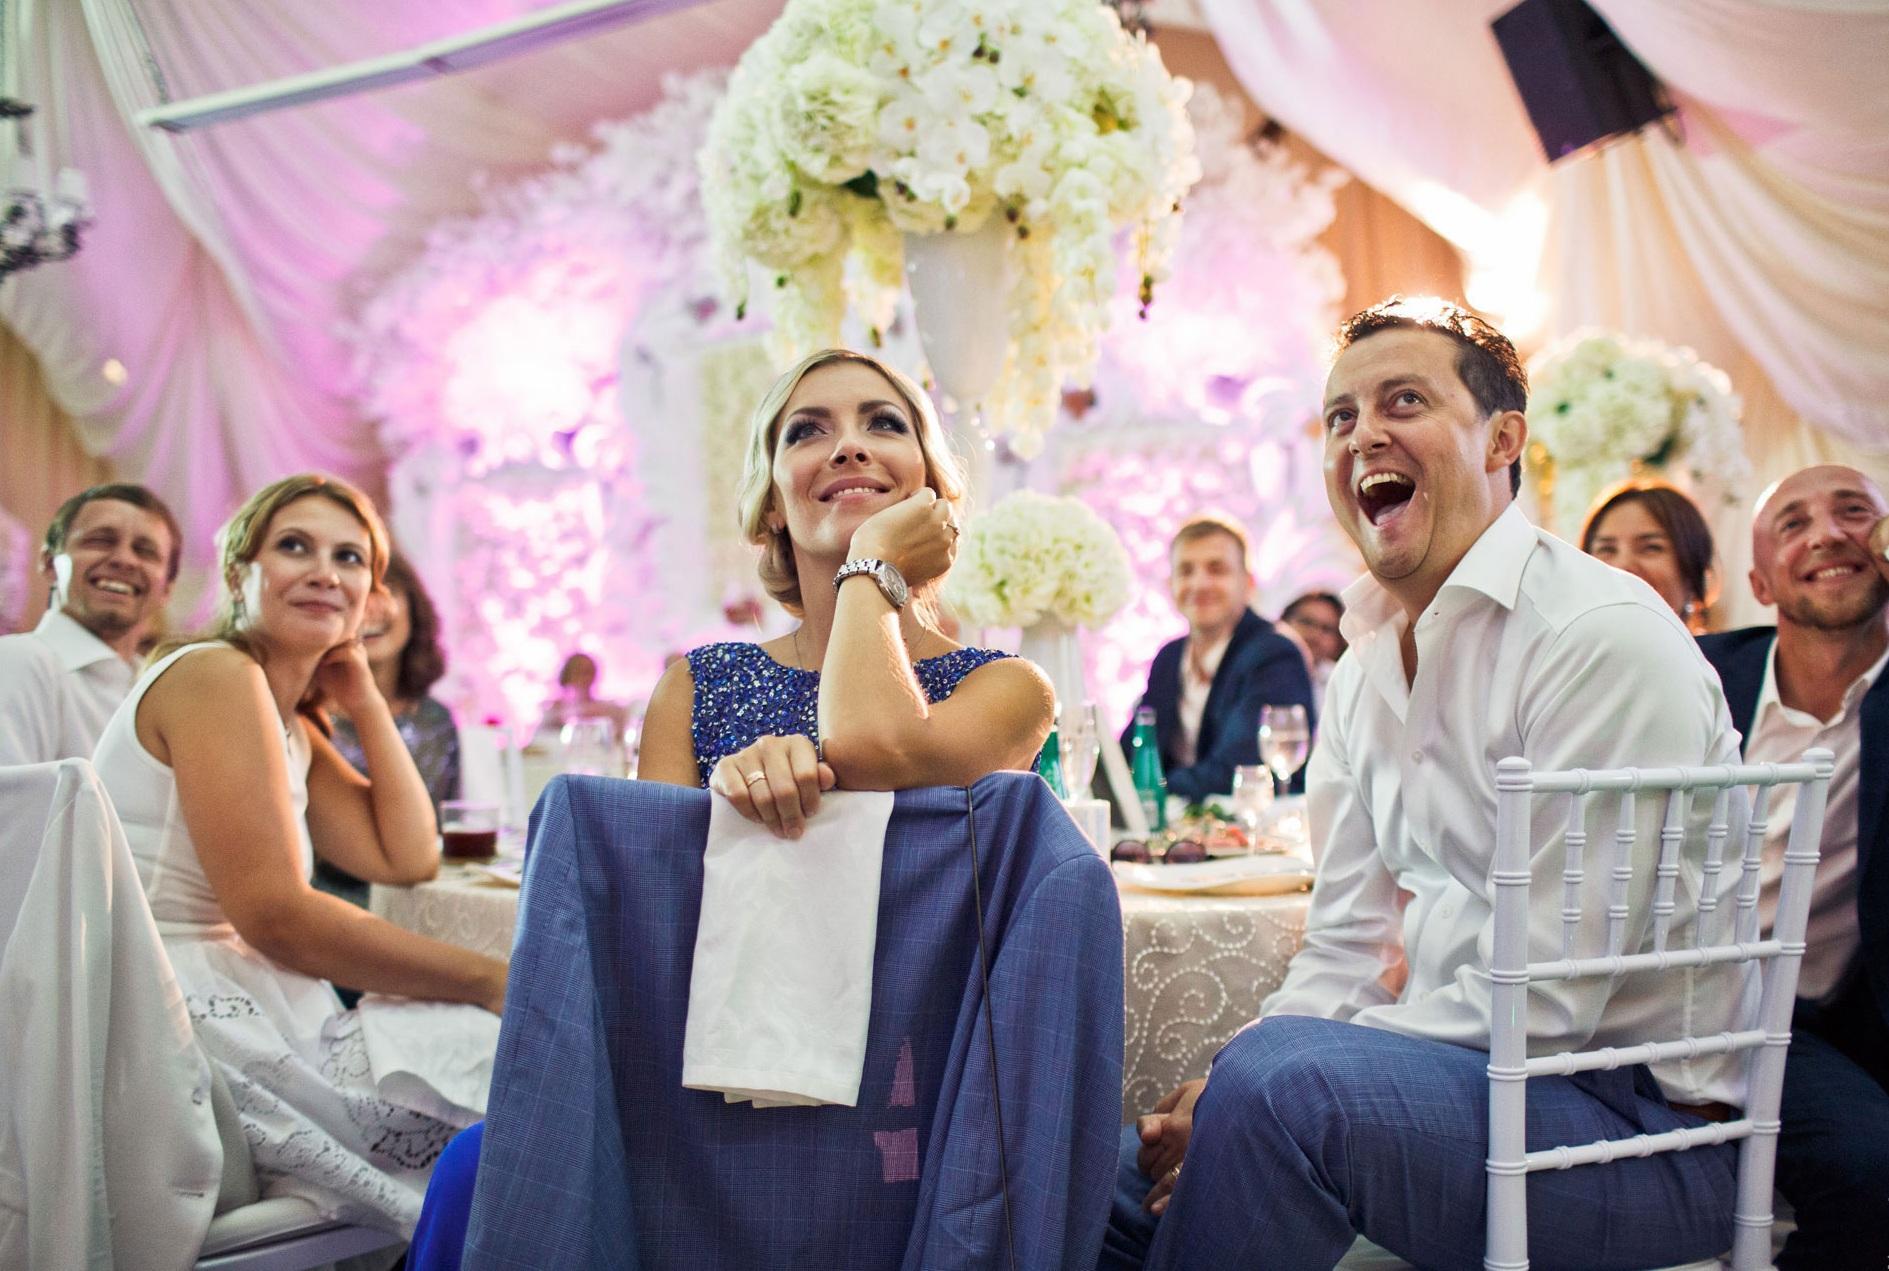 картинки для свадебных торжеств